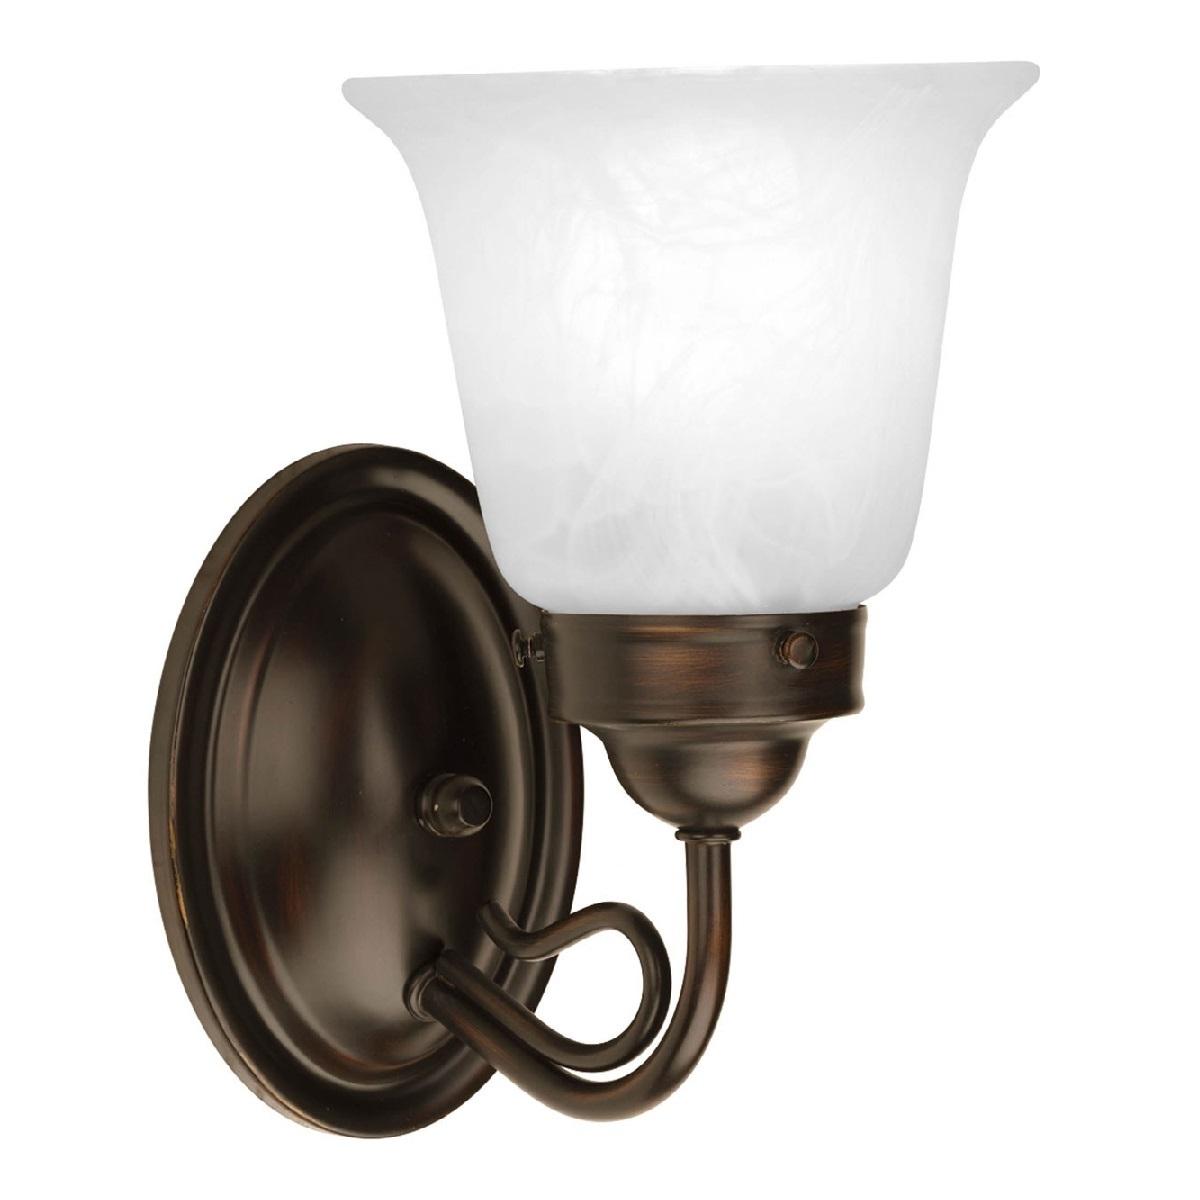 Antique Bronze Vanity Lights : Progress Lighting Bedford 1 Light Bath Vanity Light In Antique Bronze l Brilliant Source Lighting